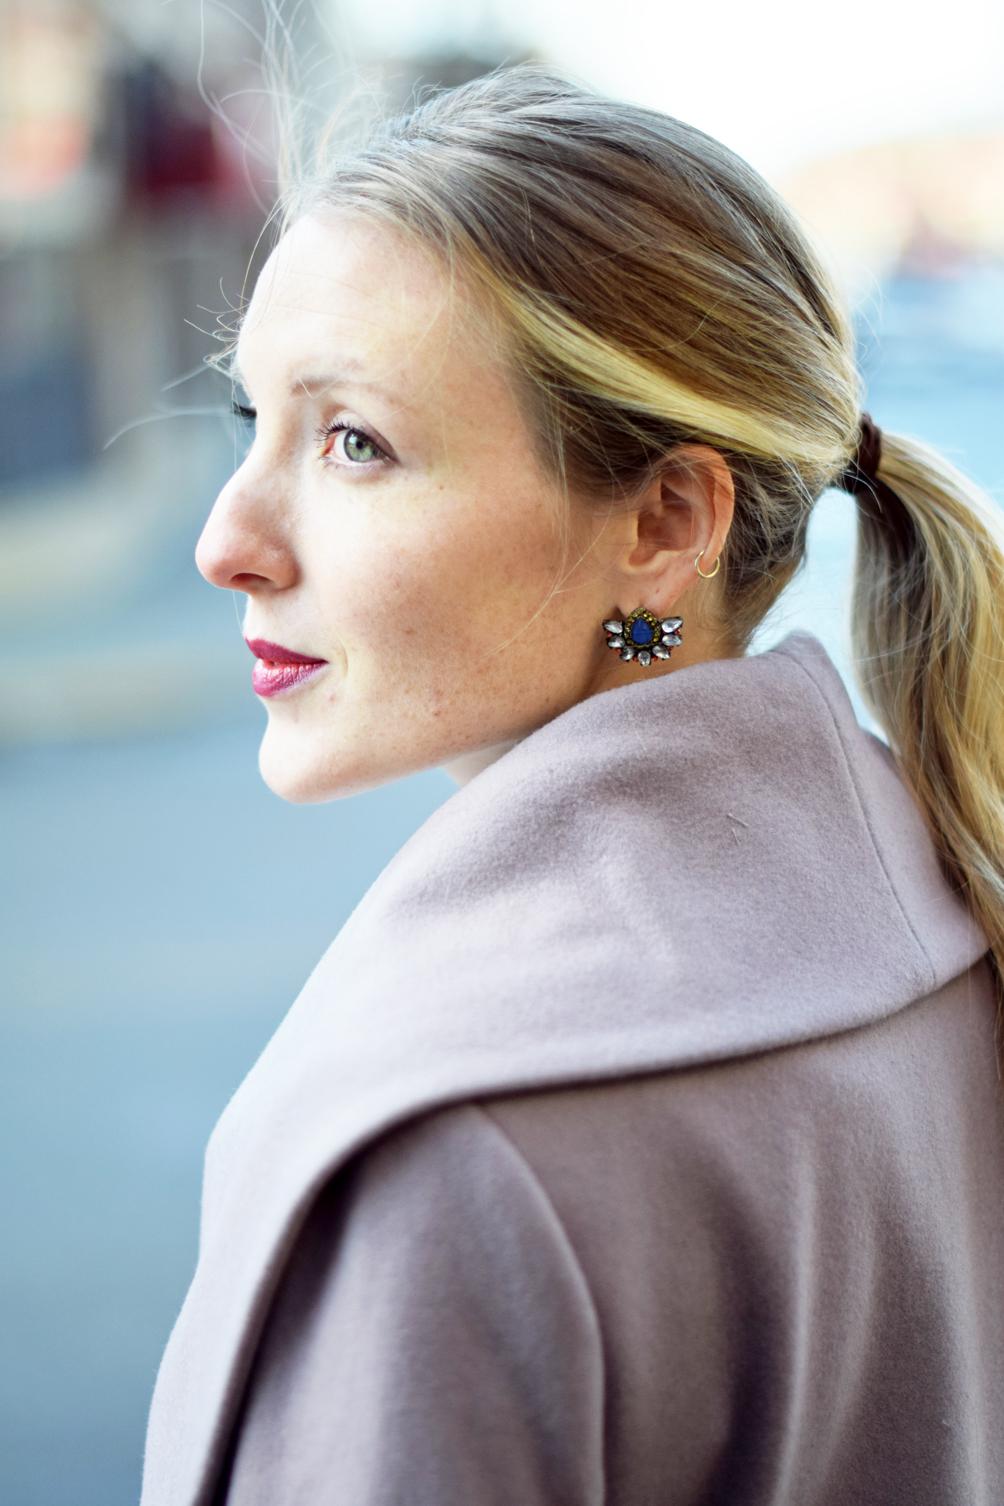 anthropologie statement earrings - one brass fox